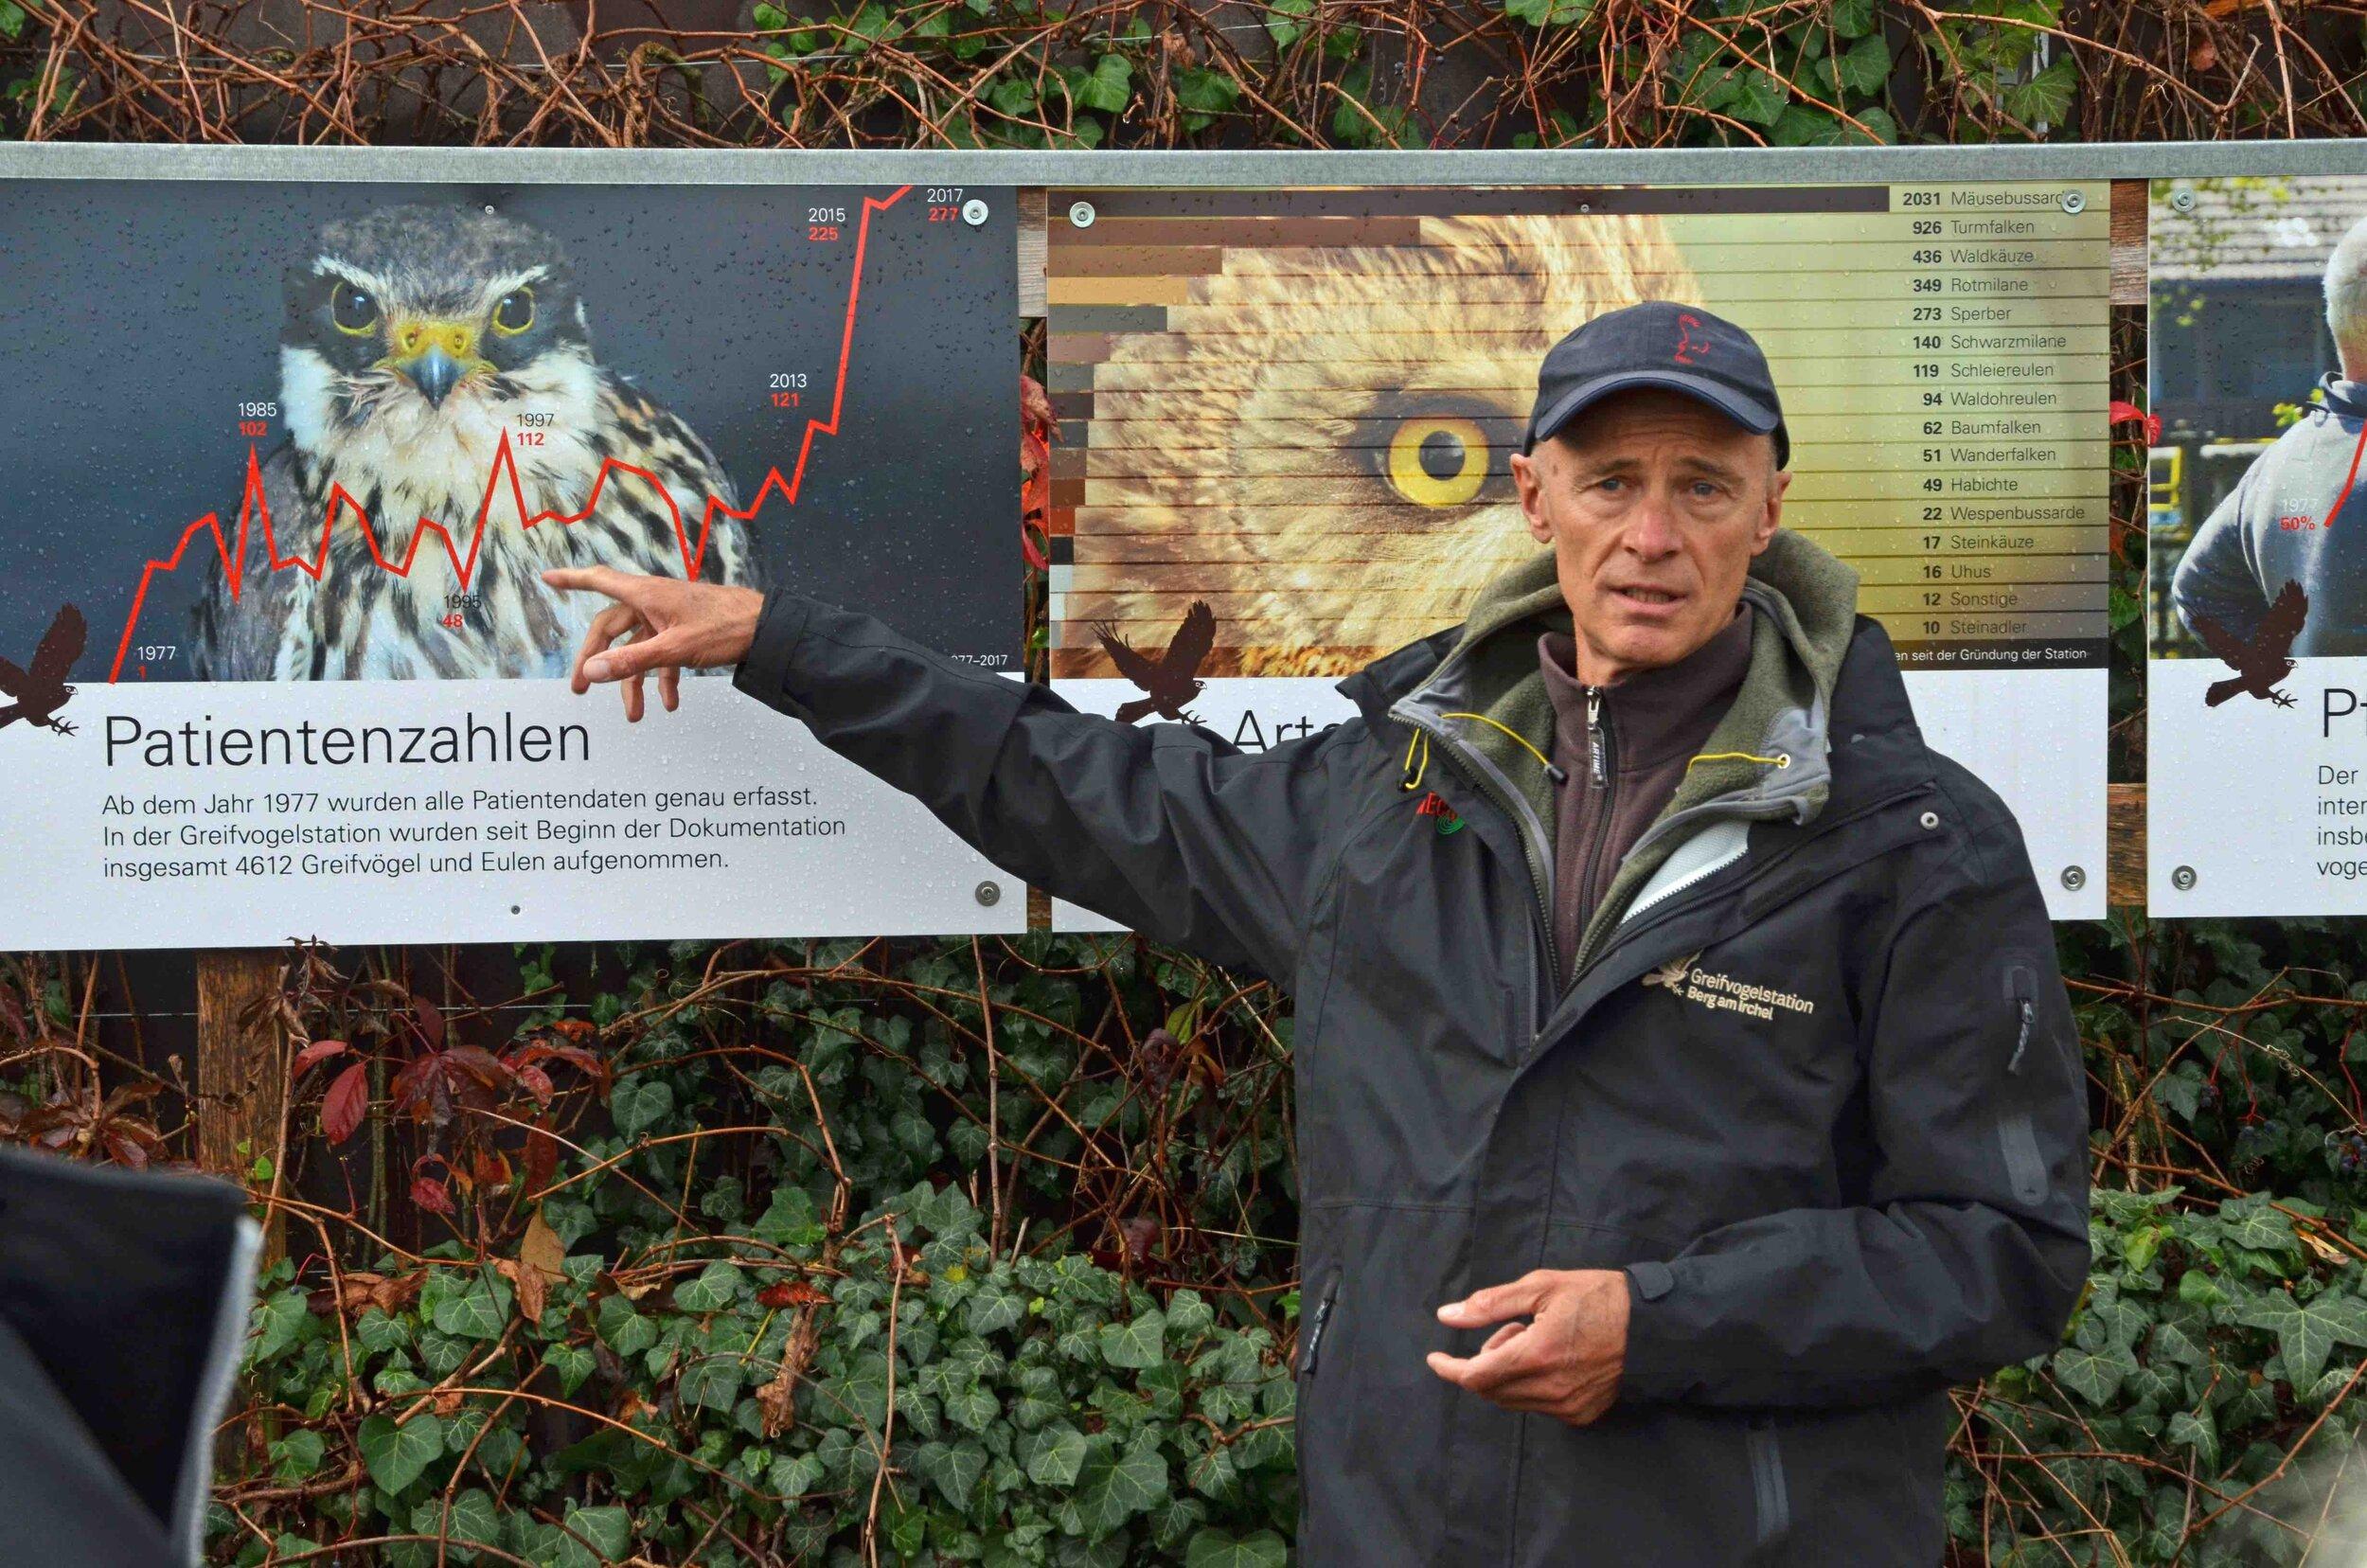 Schnellstes Tier:  Vogelkenner Claude Järmann zeigt auf einen Wanderfalken